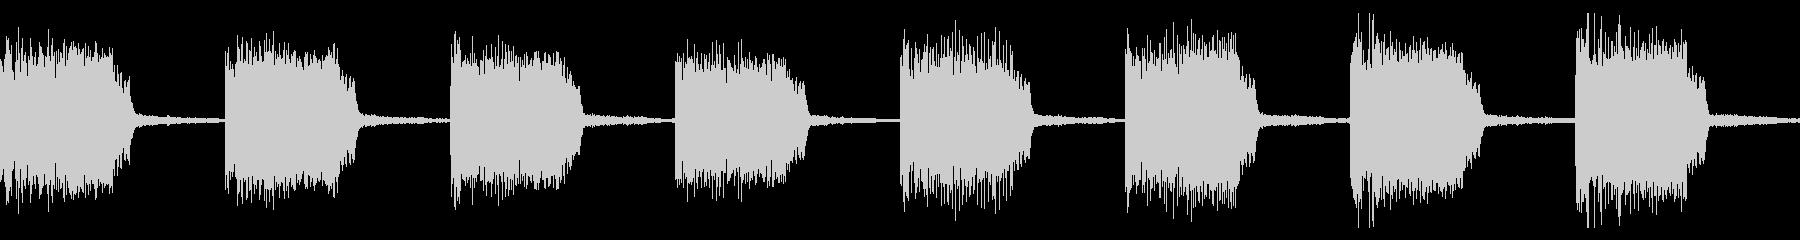 警告音 アラート 緊急事態02(ループ)の未再生の波形